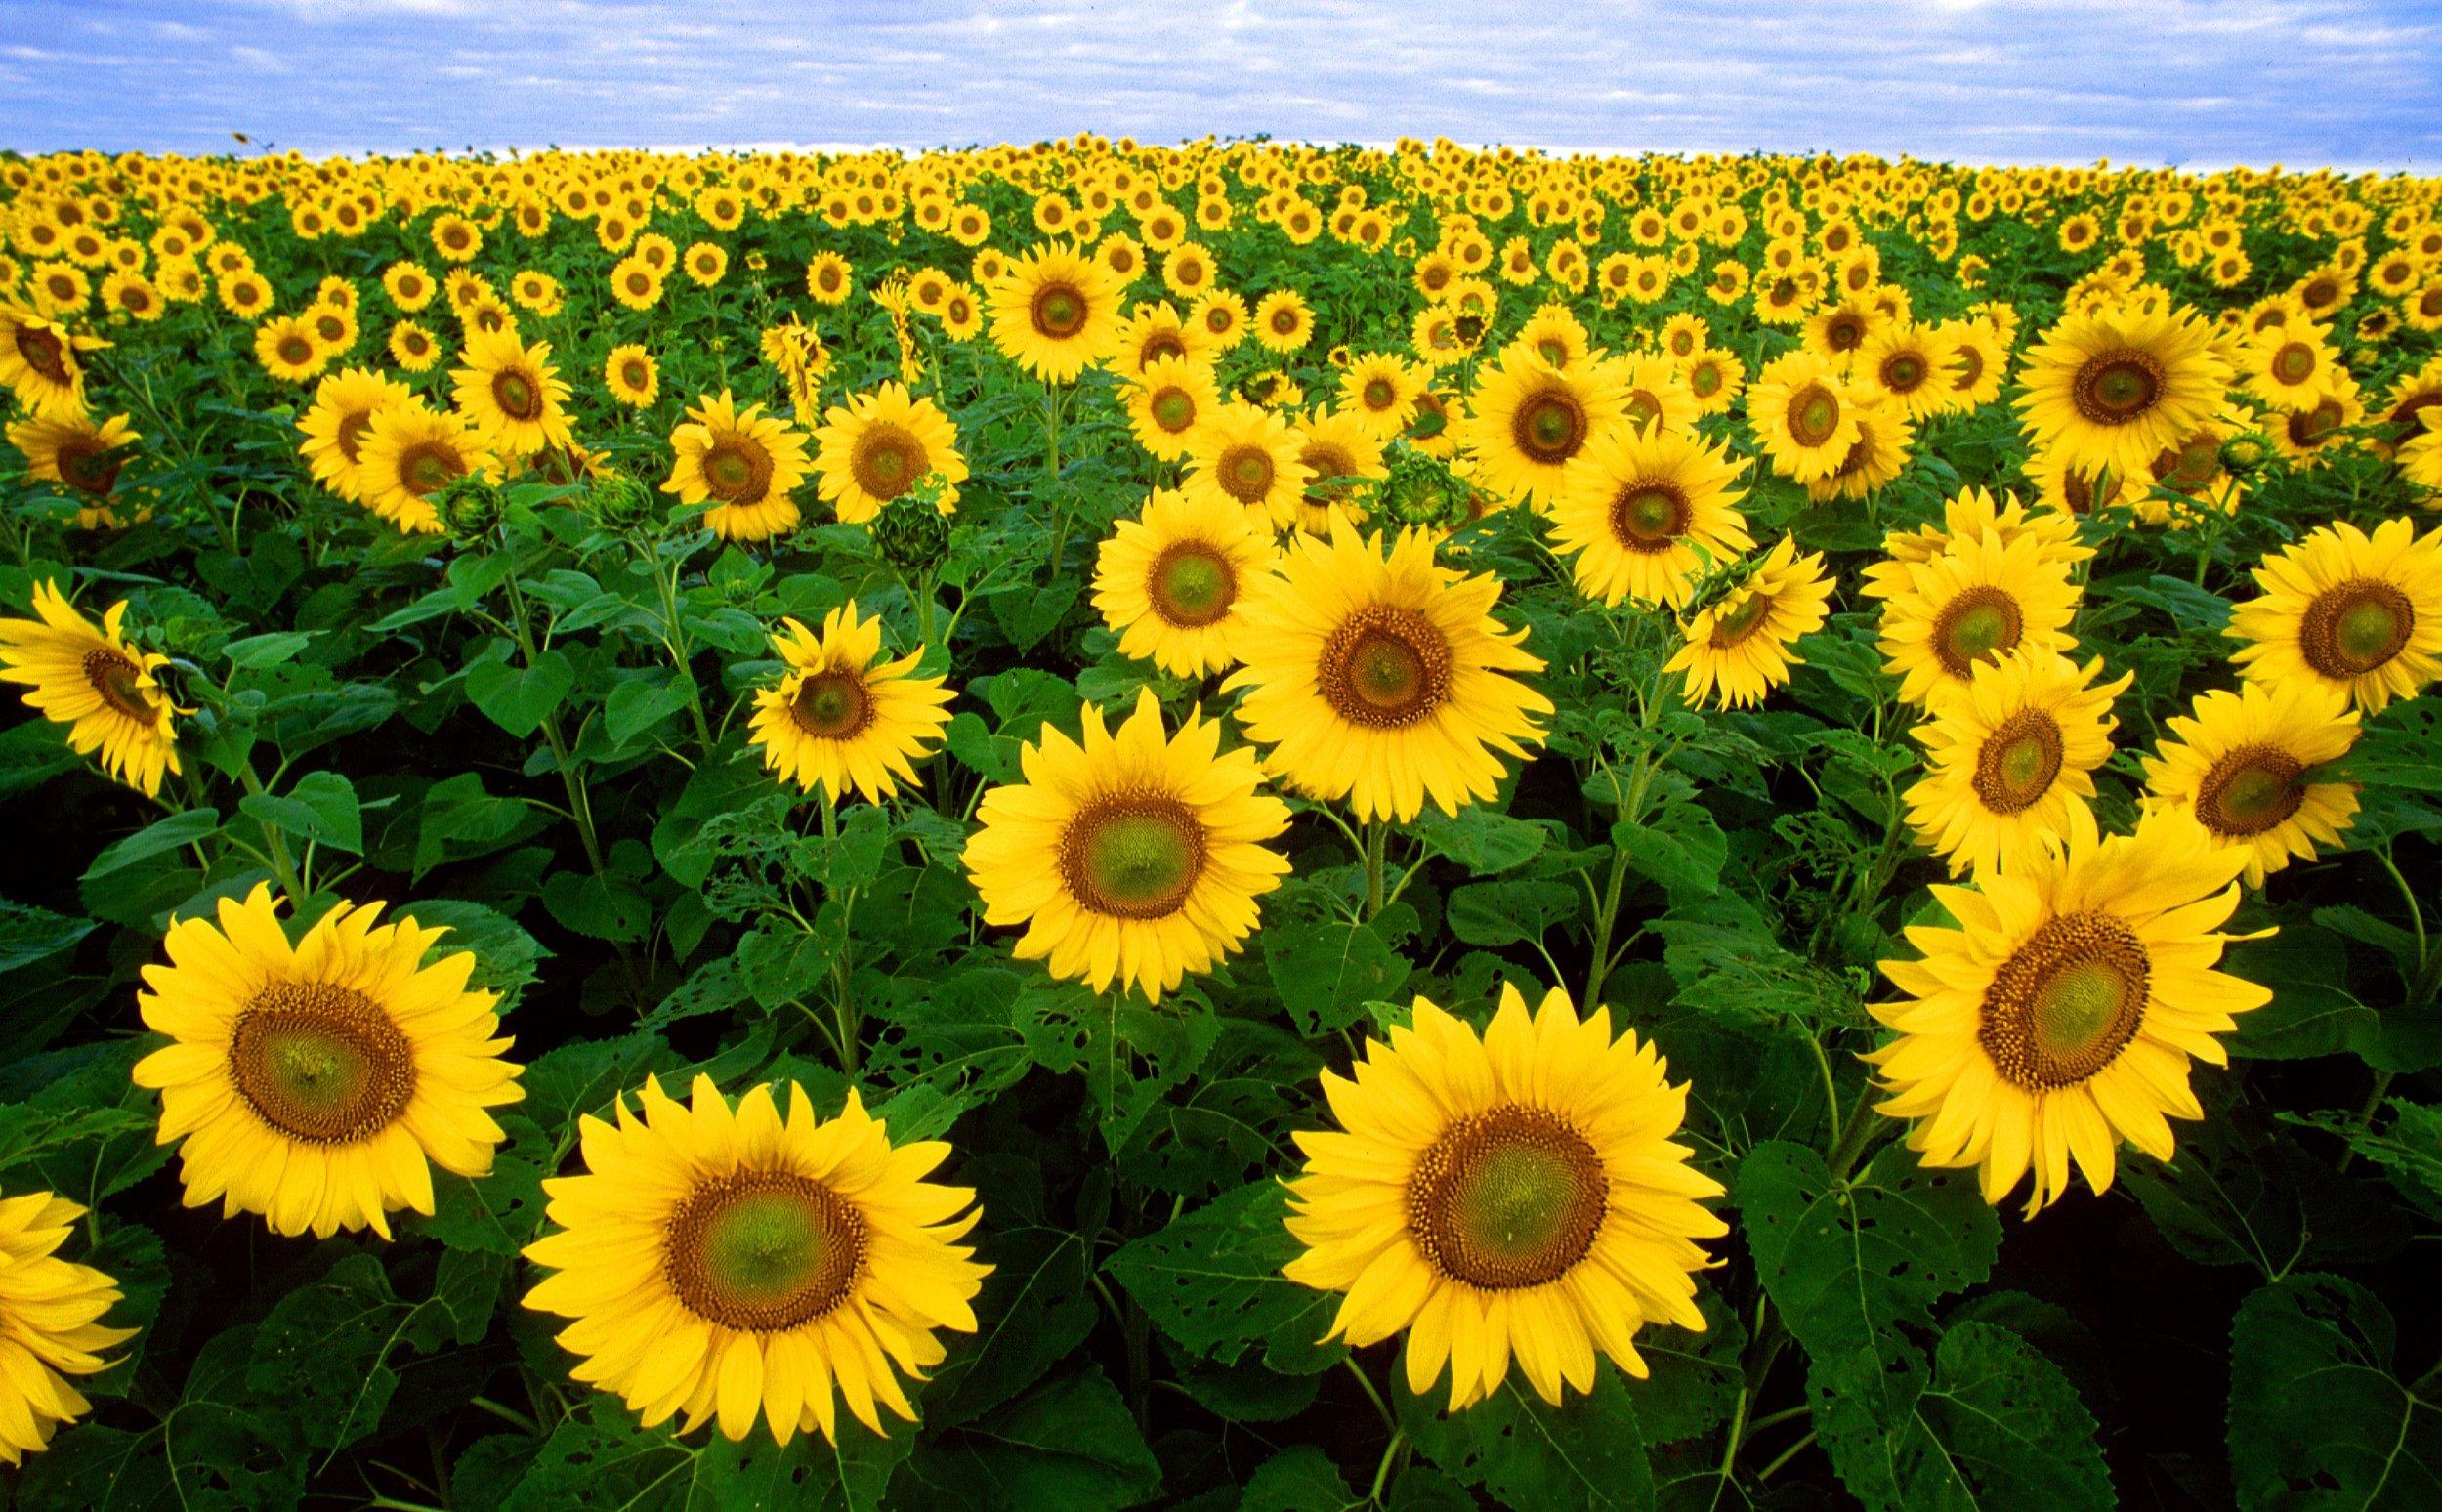 sunflower-sunflower-field-flora-field-87056.jpg